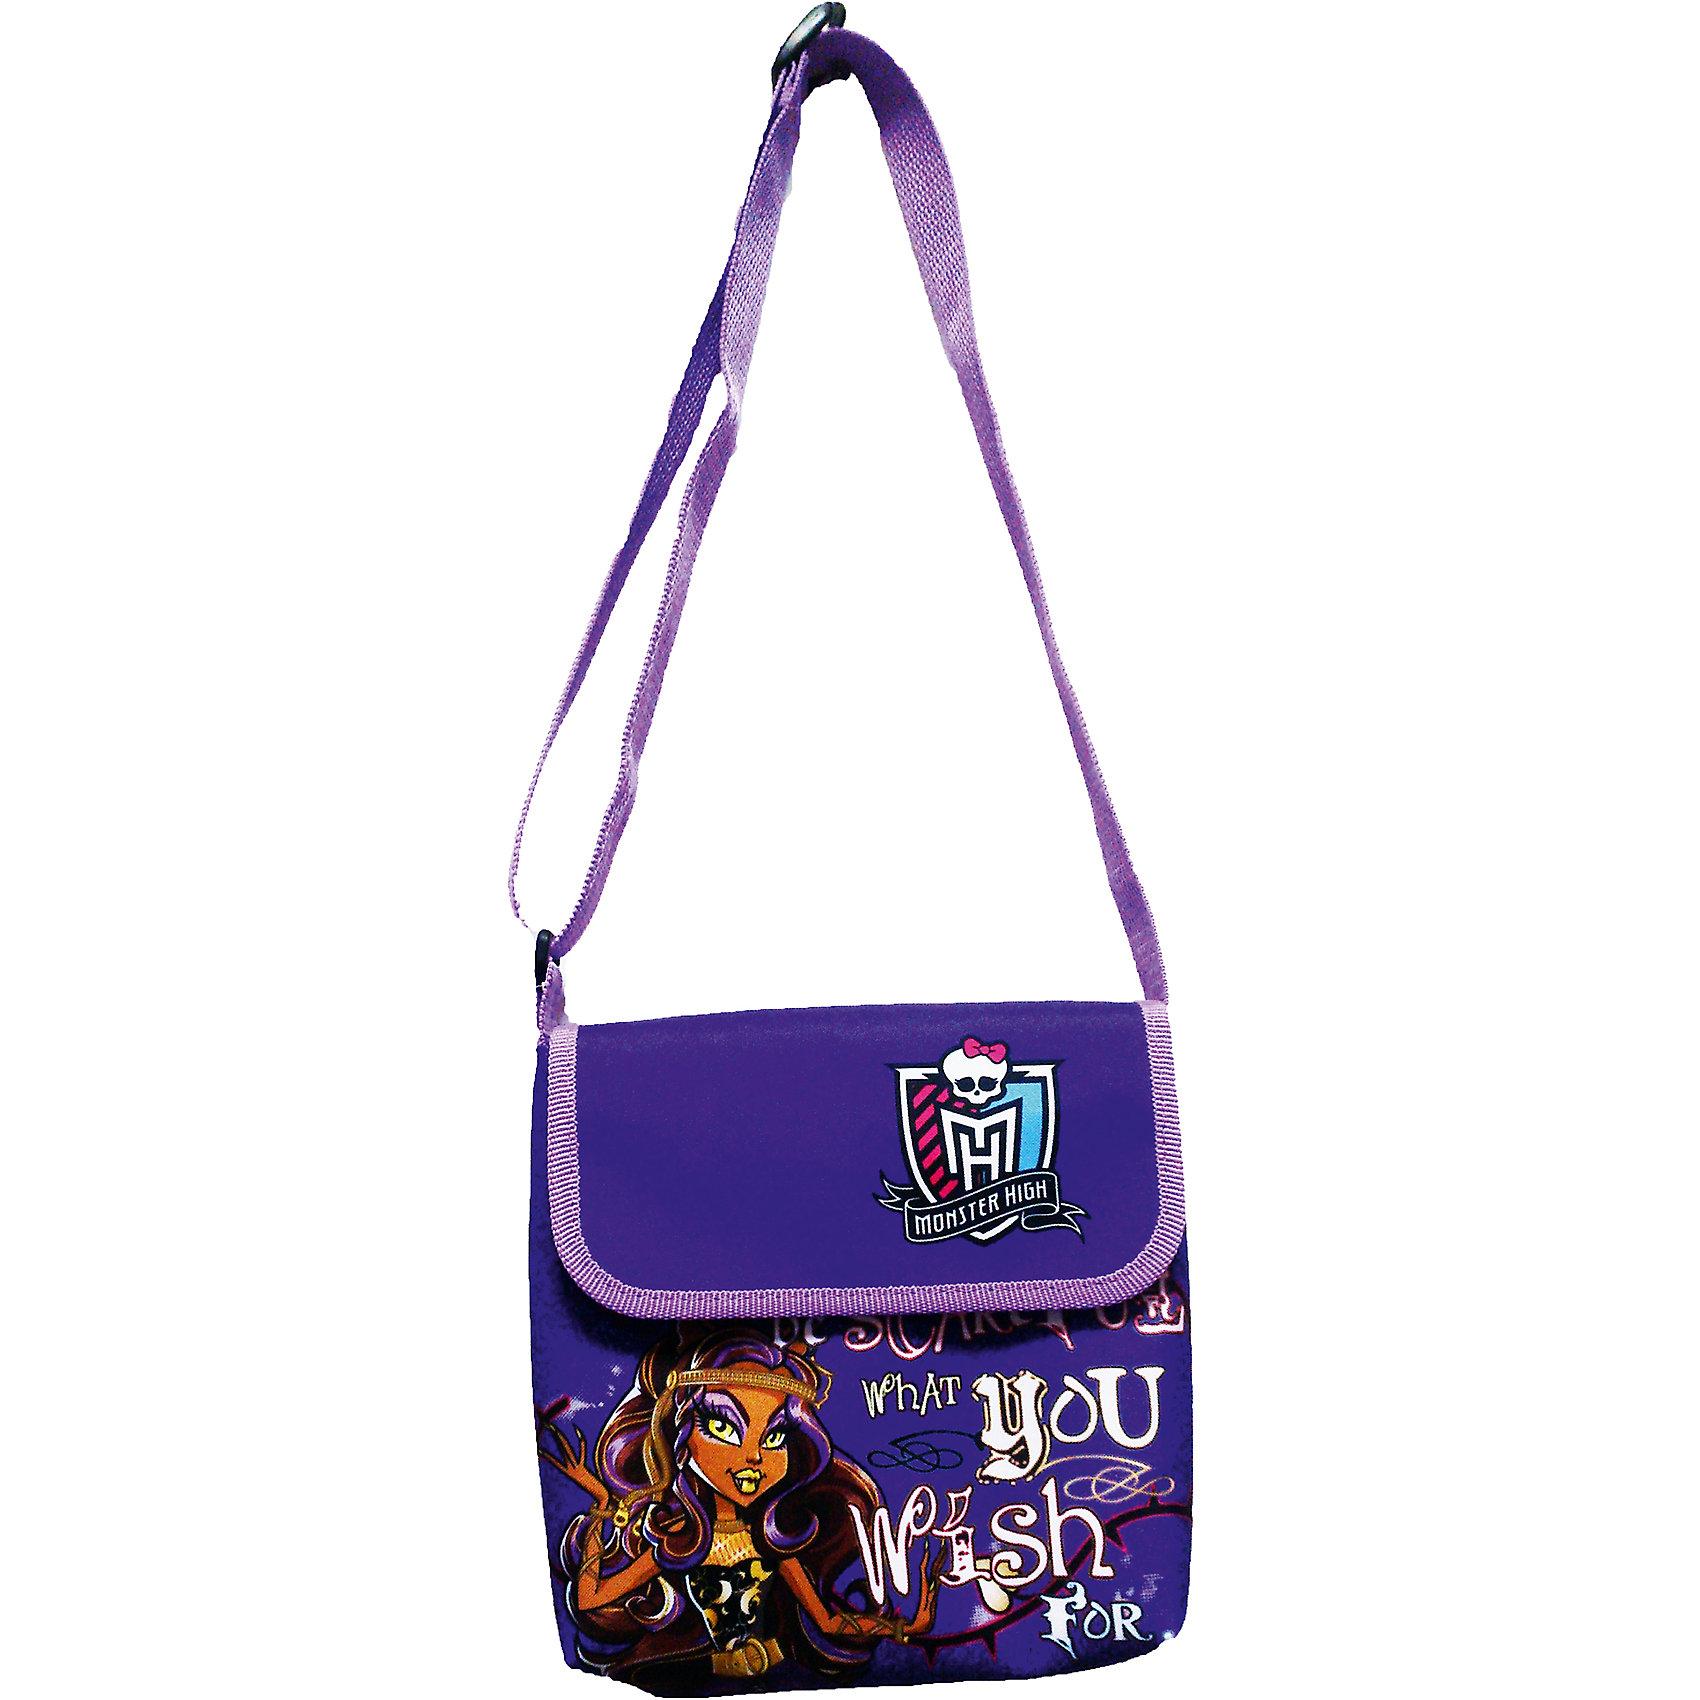 Фиолетовая сумка с клапаном, Monster HighФиолетовая сумка с клапаном, Monster High (Монстр Хай) – это стильный аксессуар для вашей девочки, поклонницы Школы монстров.<br>Яркая и модная сумка Monster High (Школа Монстров) обязательно понравится Вашей девочке. Она будет в восторге от сумочки с изображением героини из мультсериала Школа монстров. Сумка через плечо имеет длинную регулируемую ручку с металлической пряжкой. Сверху сумка закрывается клапаном.<br><br>Дополнительная информация:<br><br>- Материал: габардин, полиэстер<br>- Цвет: фиолетовый<br>- Размер упаковки: 45х180х185 мм.<br><br>Фиолетовую сумку с клапаном, Monster High (Монстер Хай) можно купить в нашем интернет-магазине.<br><br>Ширина мм: 45<br>Глубина мм: 180<br>Высота мм: 185<br>Вес г: 50<br>Возраст от месяцев: 36<br>Возраст до месяцев: 156<br>Пол: Женский<br>Возраст: Детский<br>SKU: 4017781